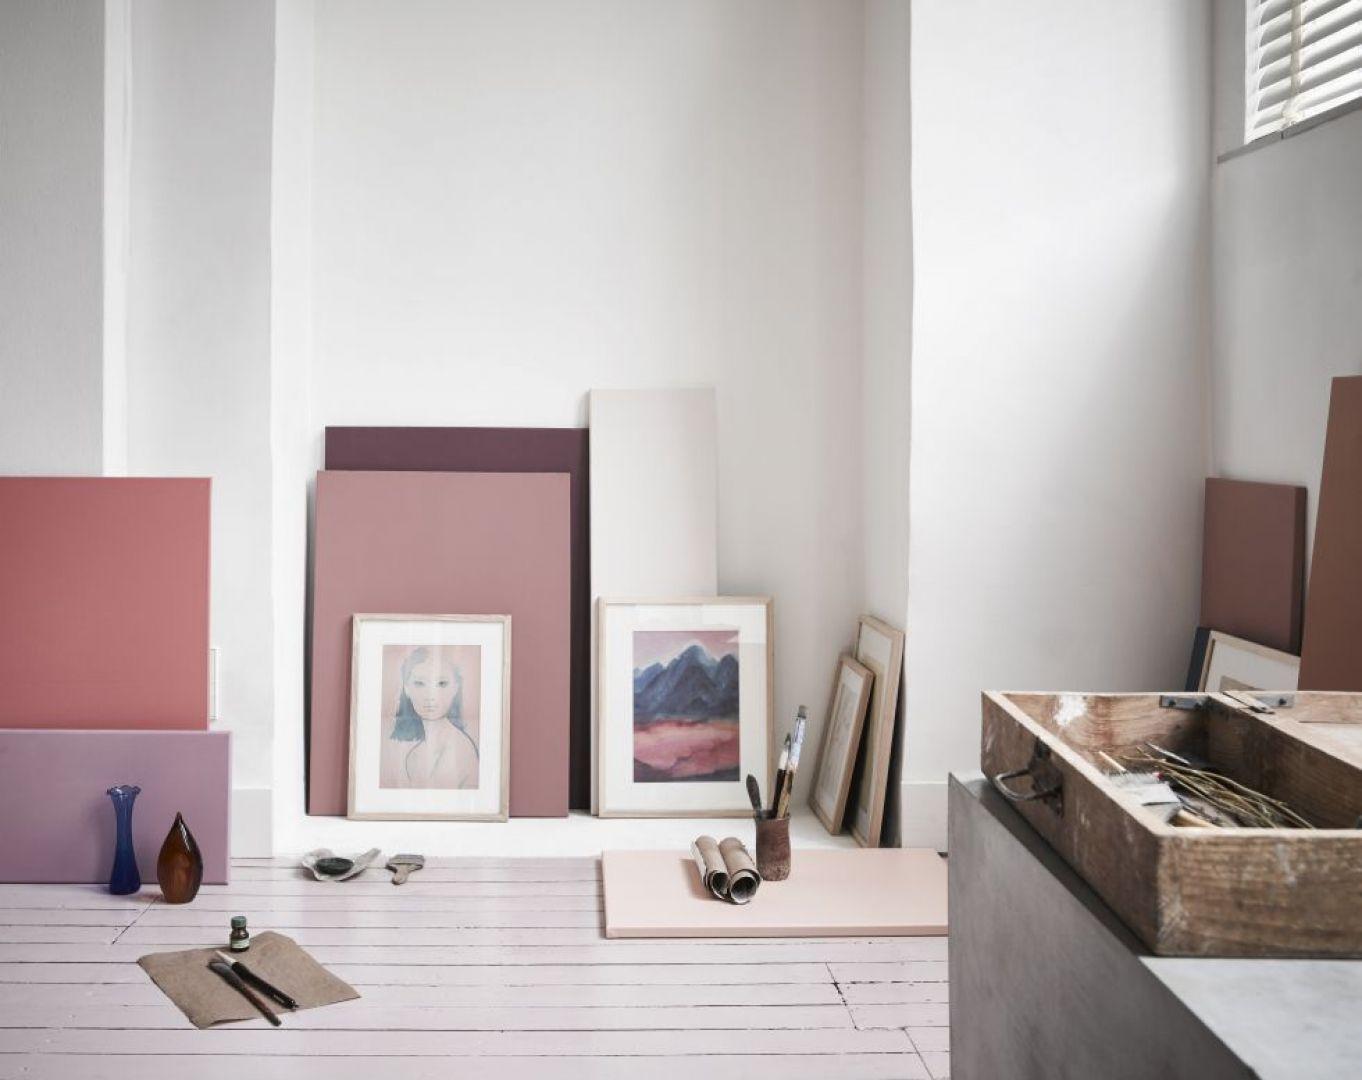 Nowe trendy we wnętrzarstwie mają wyraźny cel – wprowadzenie do naszych mieszkań ciepłej, przytulnej atmosfery. Fot. Dutchhouse